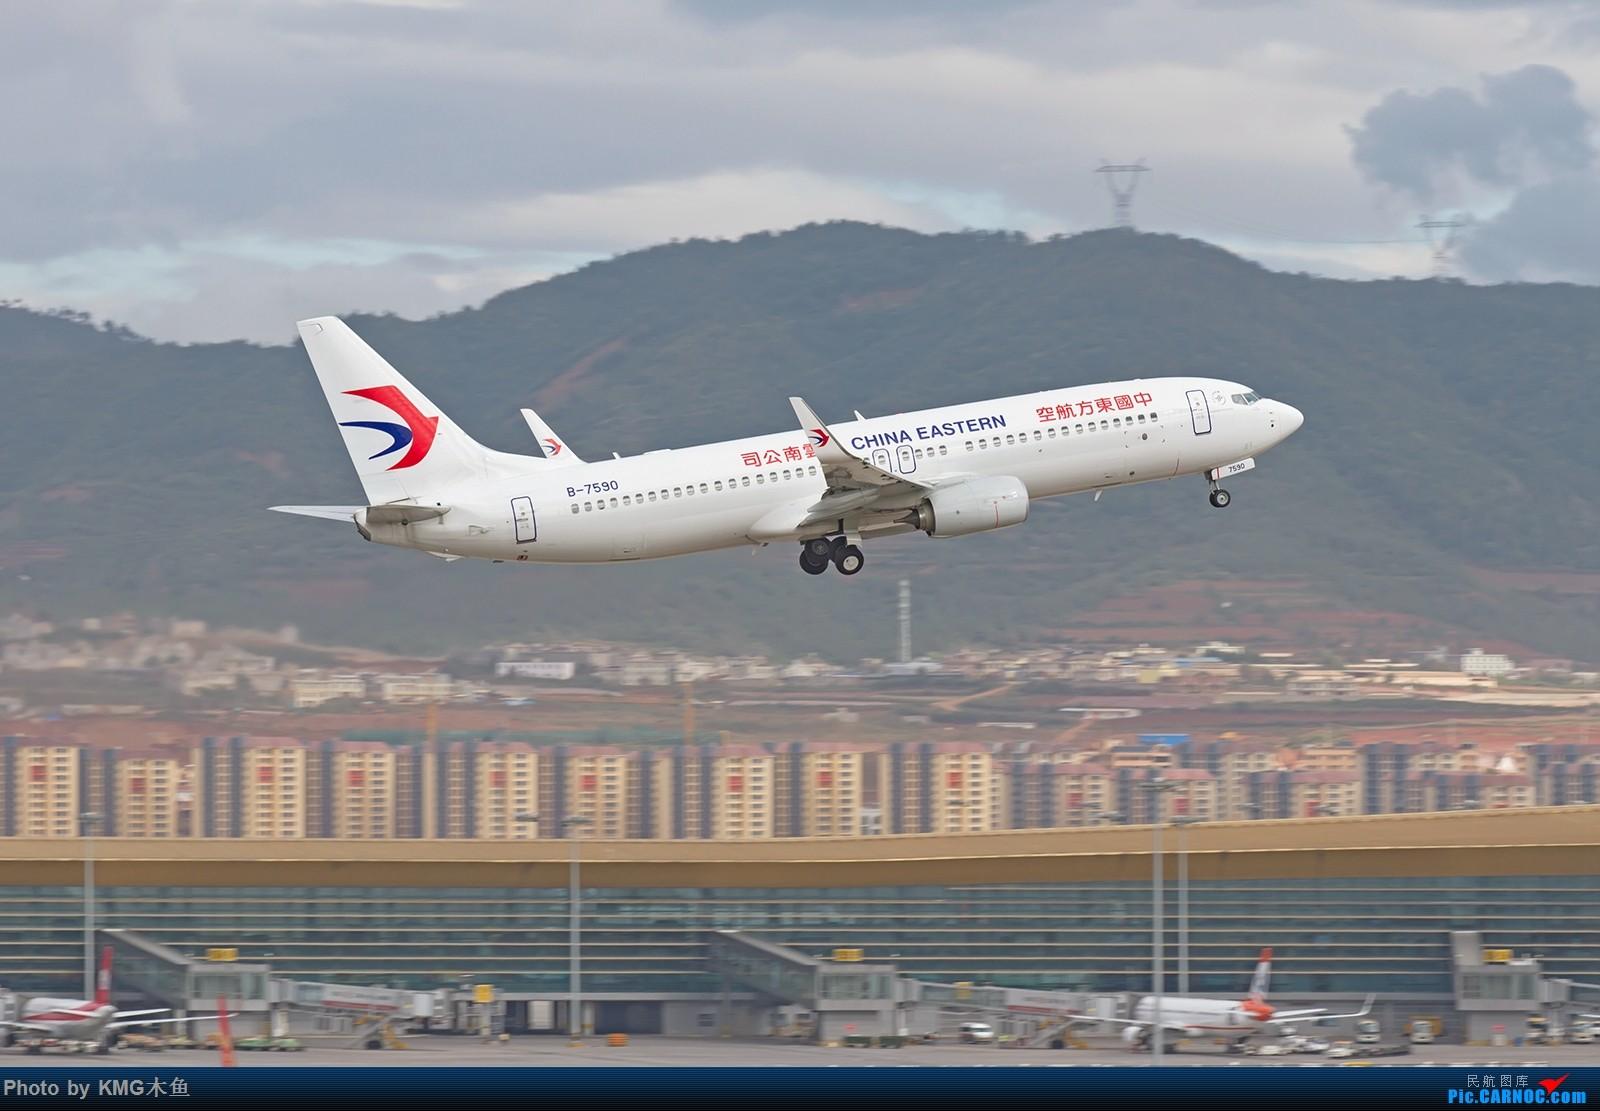 Re:[原创]【昆明长水国际机场】到处都在建设,空港经济发展飞速呀 BOEING 737-800 B-7590 中国昆明长水国际机场